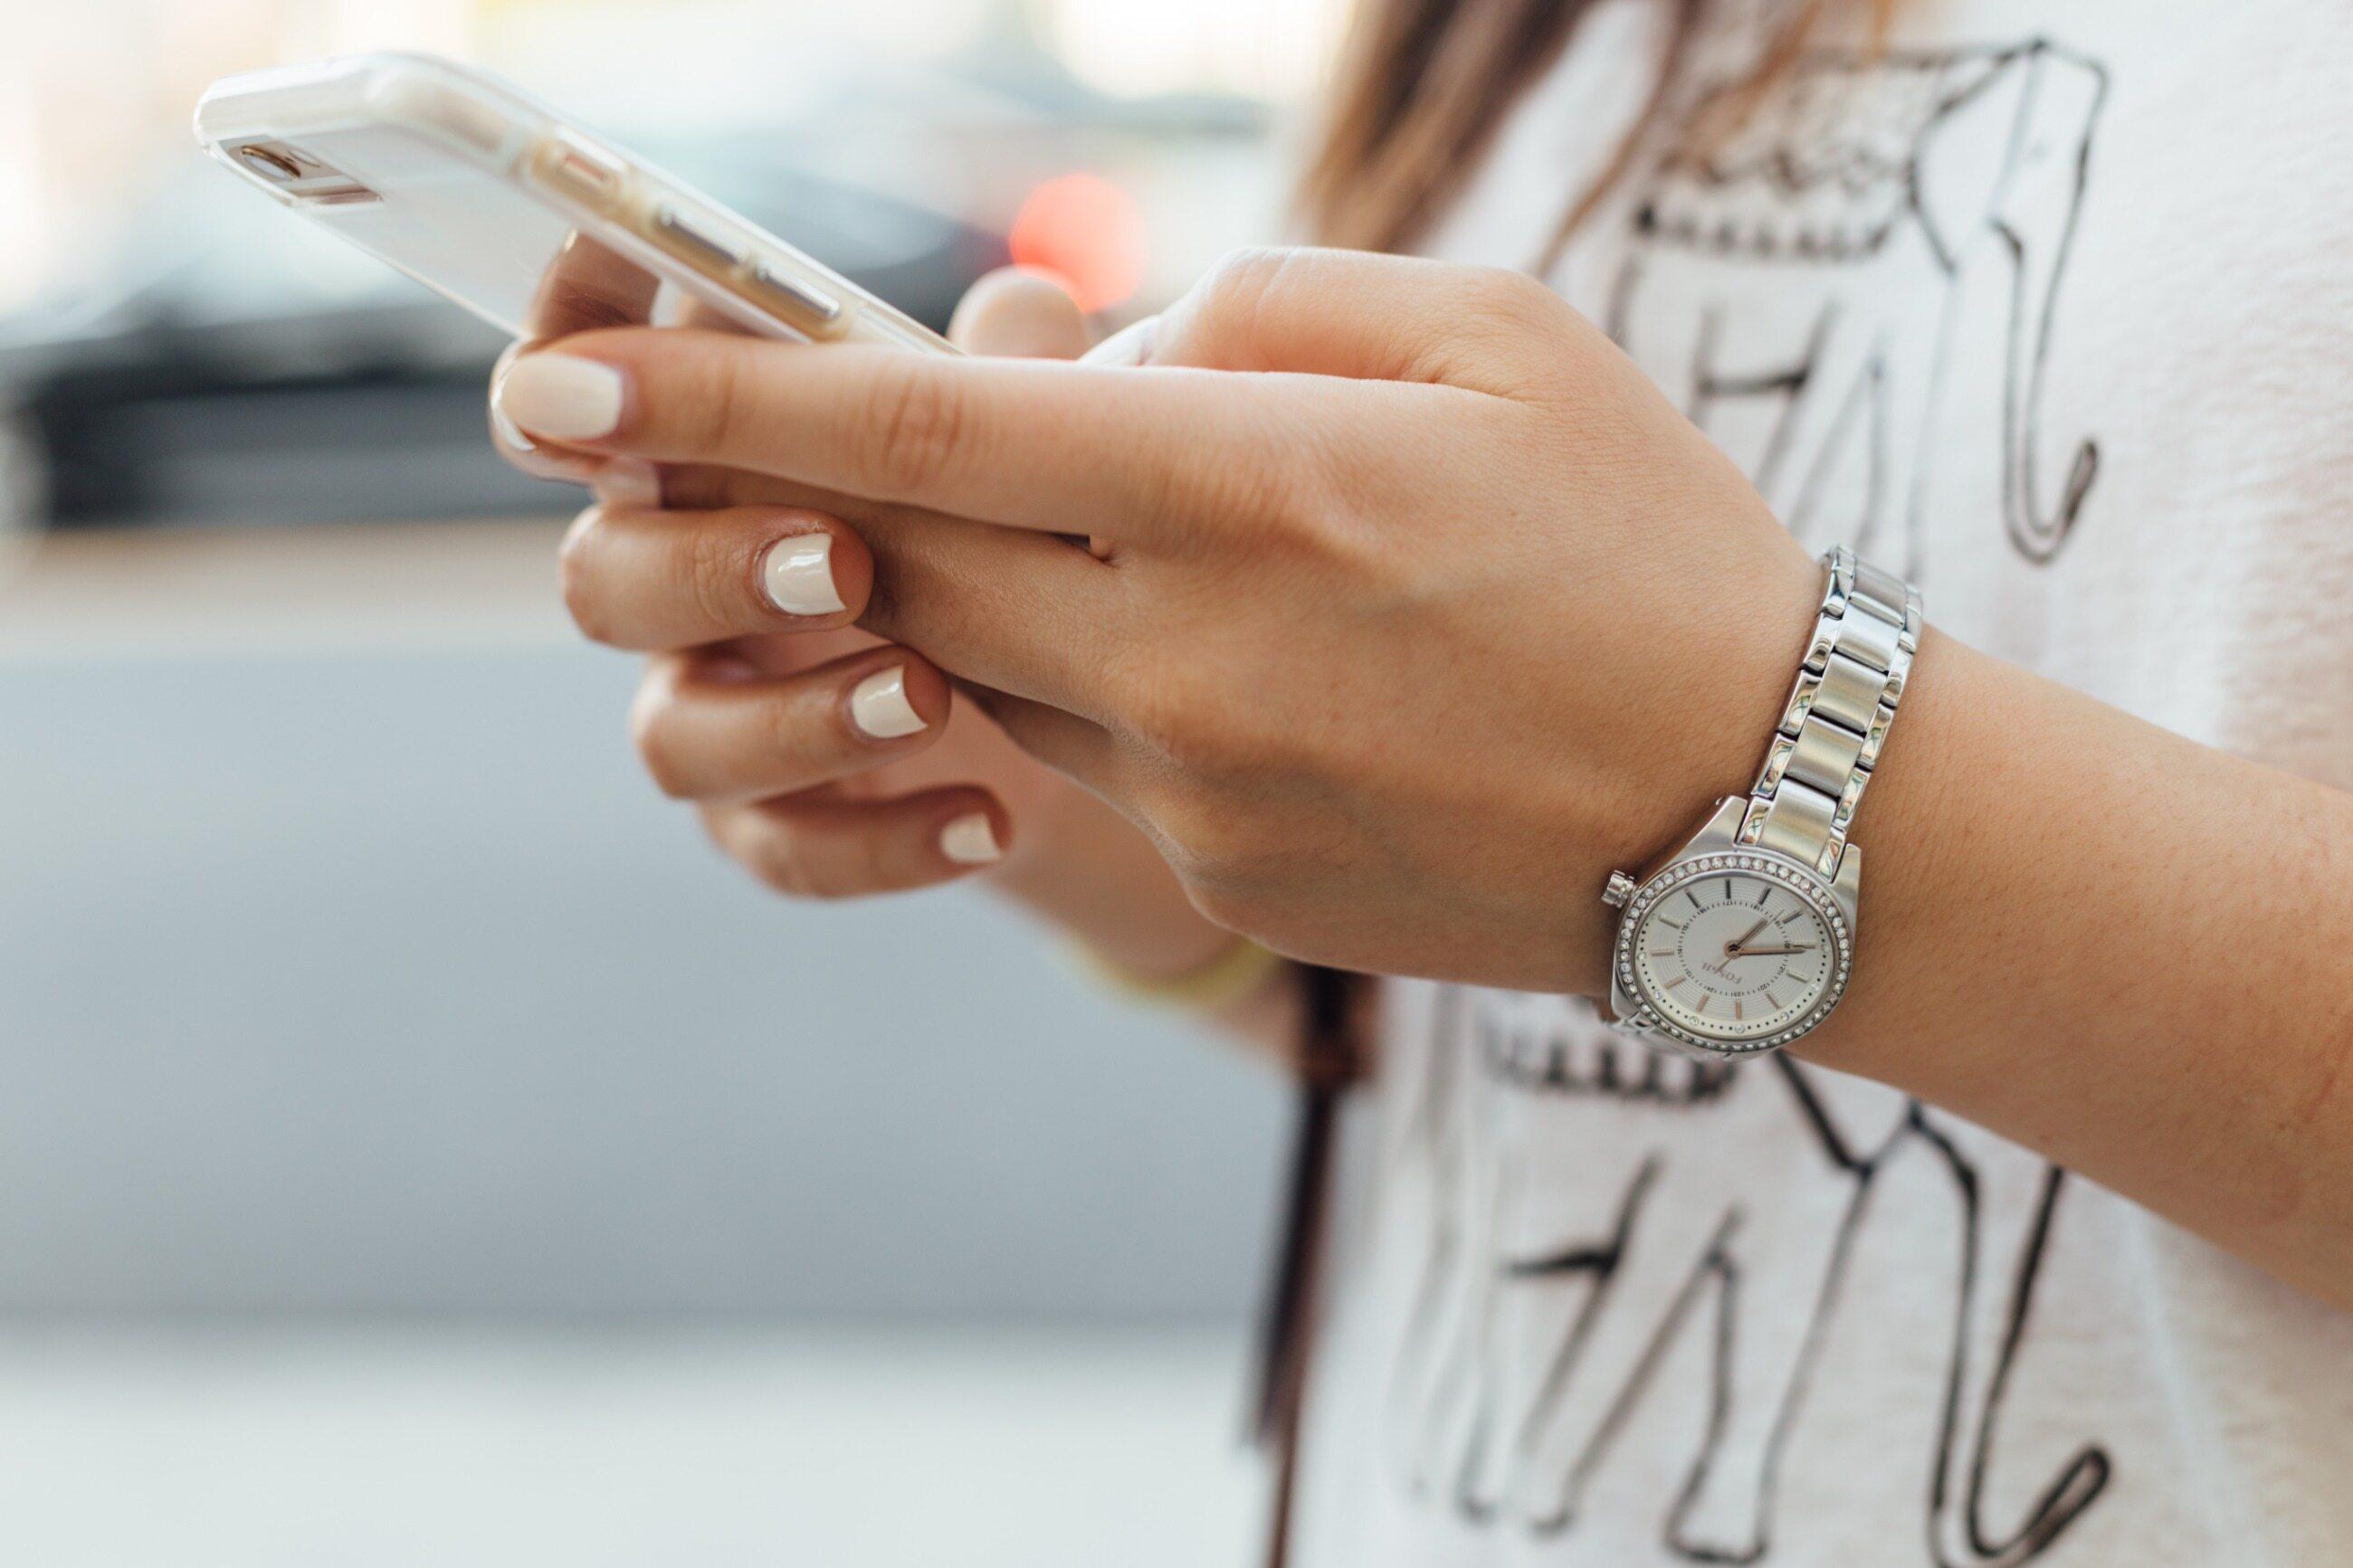 Internet mobilny w smartfonie bardzo ułatwia życie